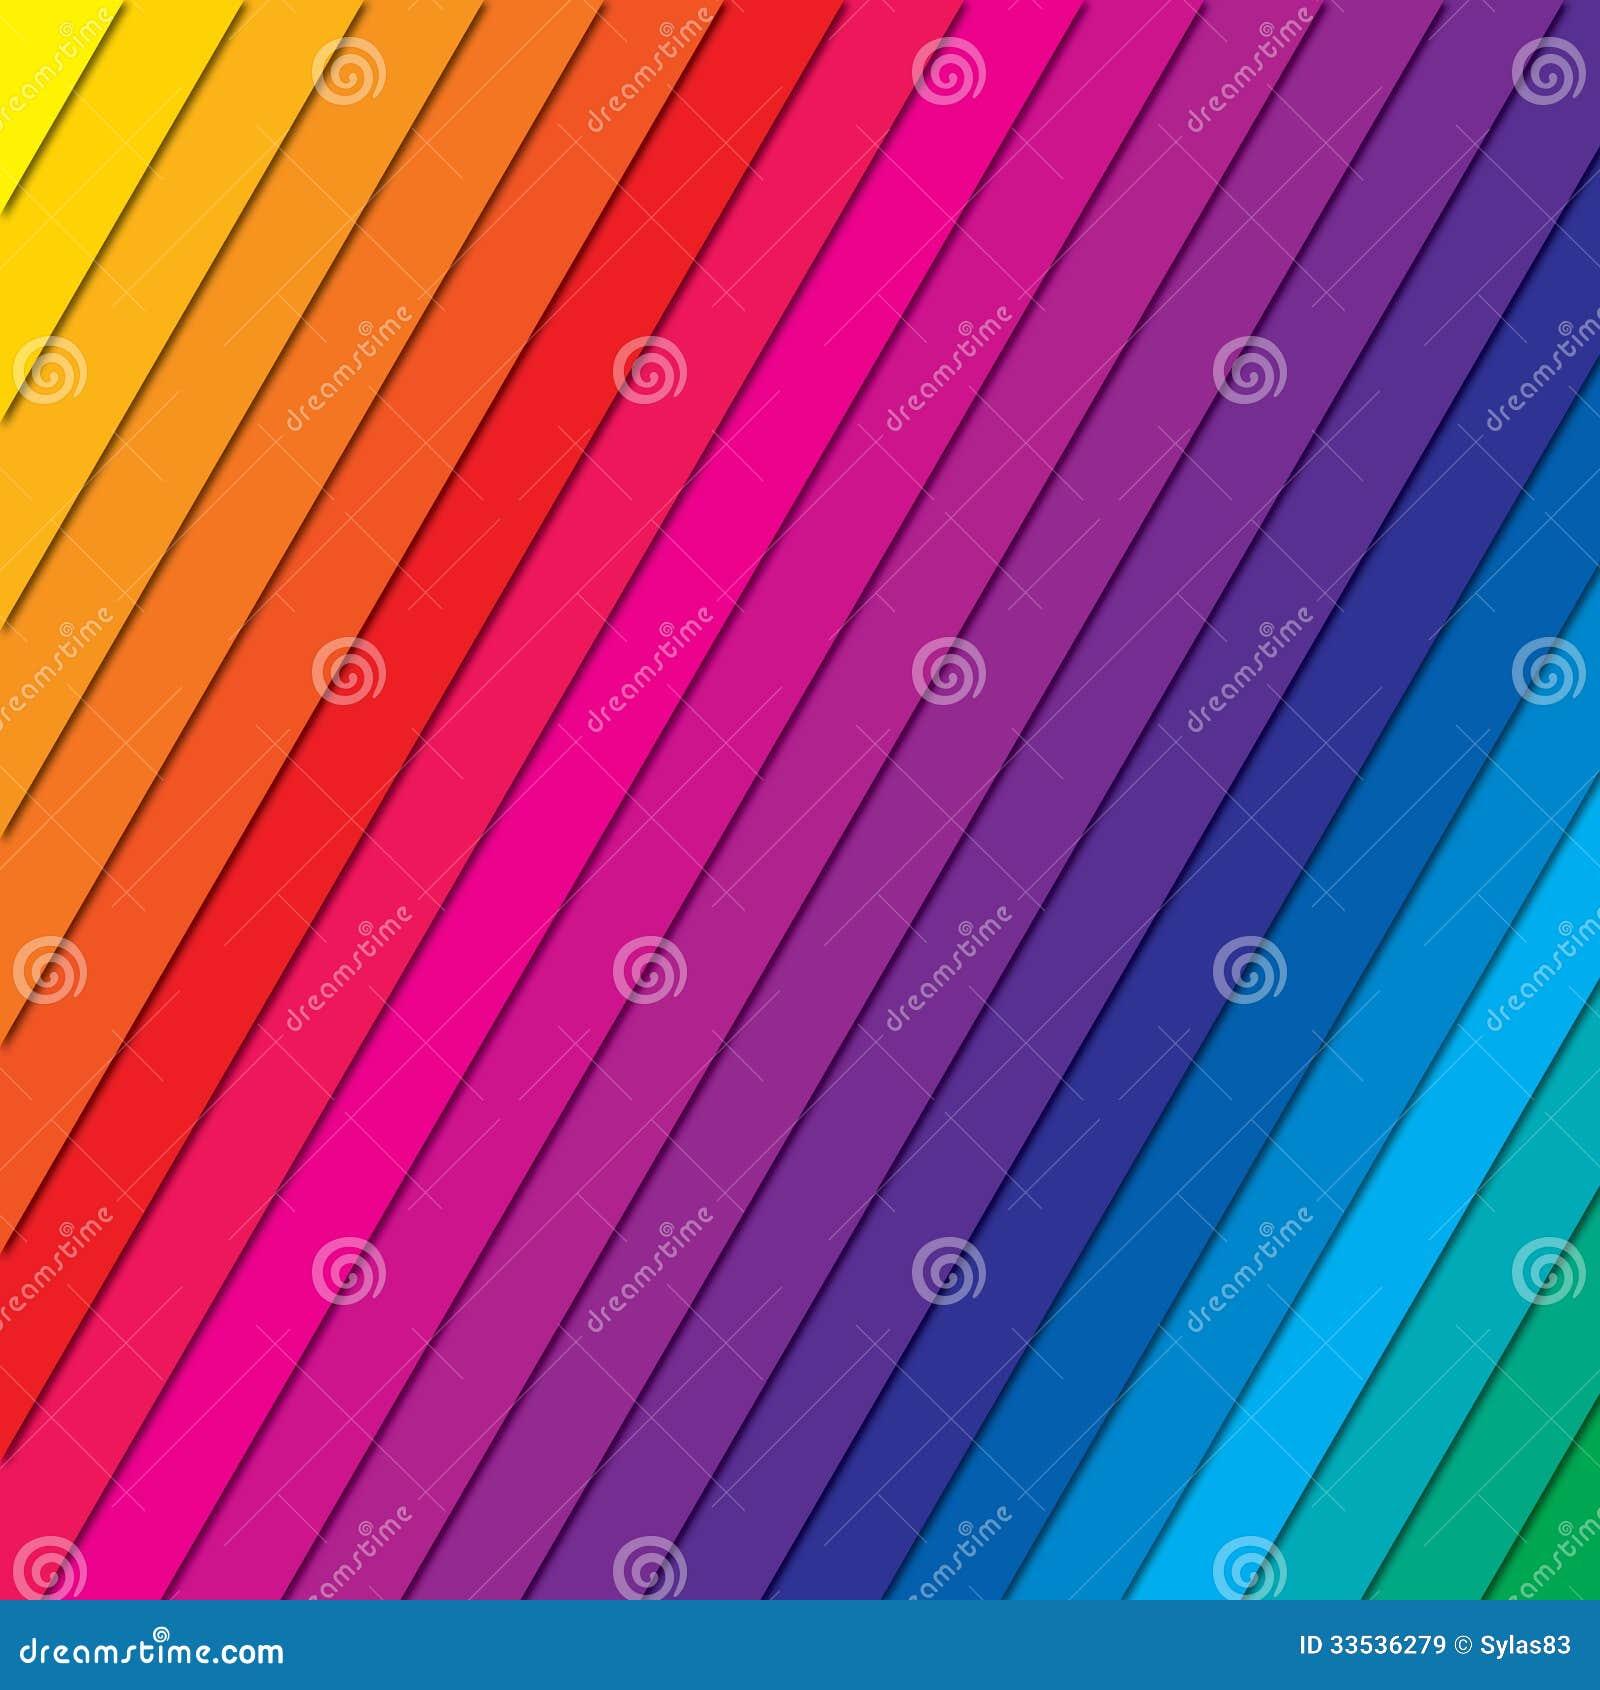 farbspektrum zusammenfassungshintergrund sch ne bunte tapete lizenzfreie stockbilder bild. Black Bedroom Furniture Sets. Home Design Ideas